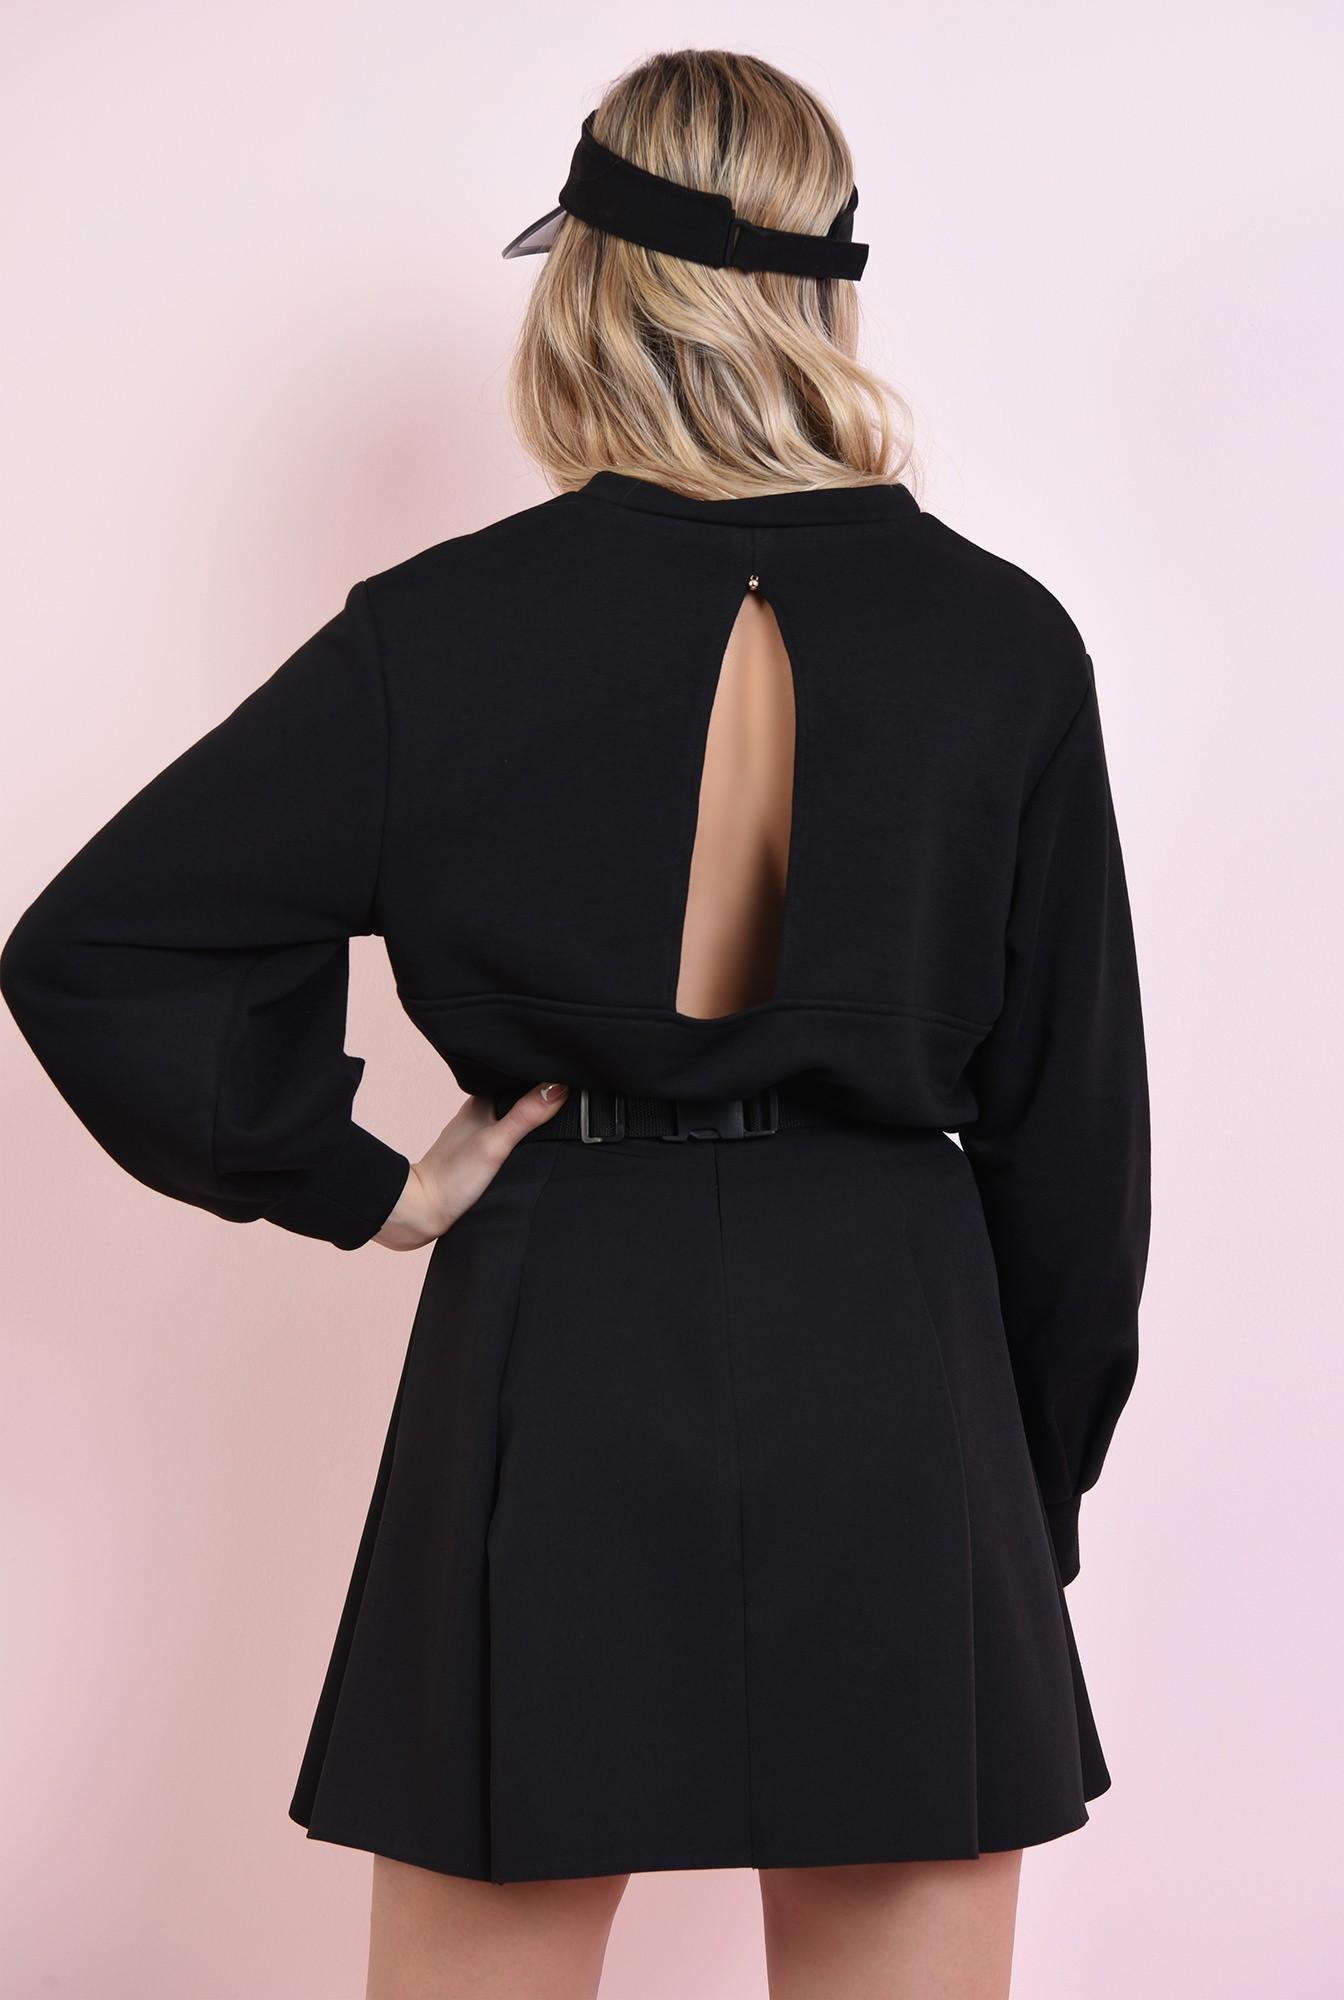 2 - fusta neagra, scurta, cu clini